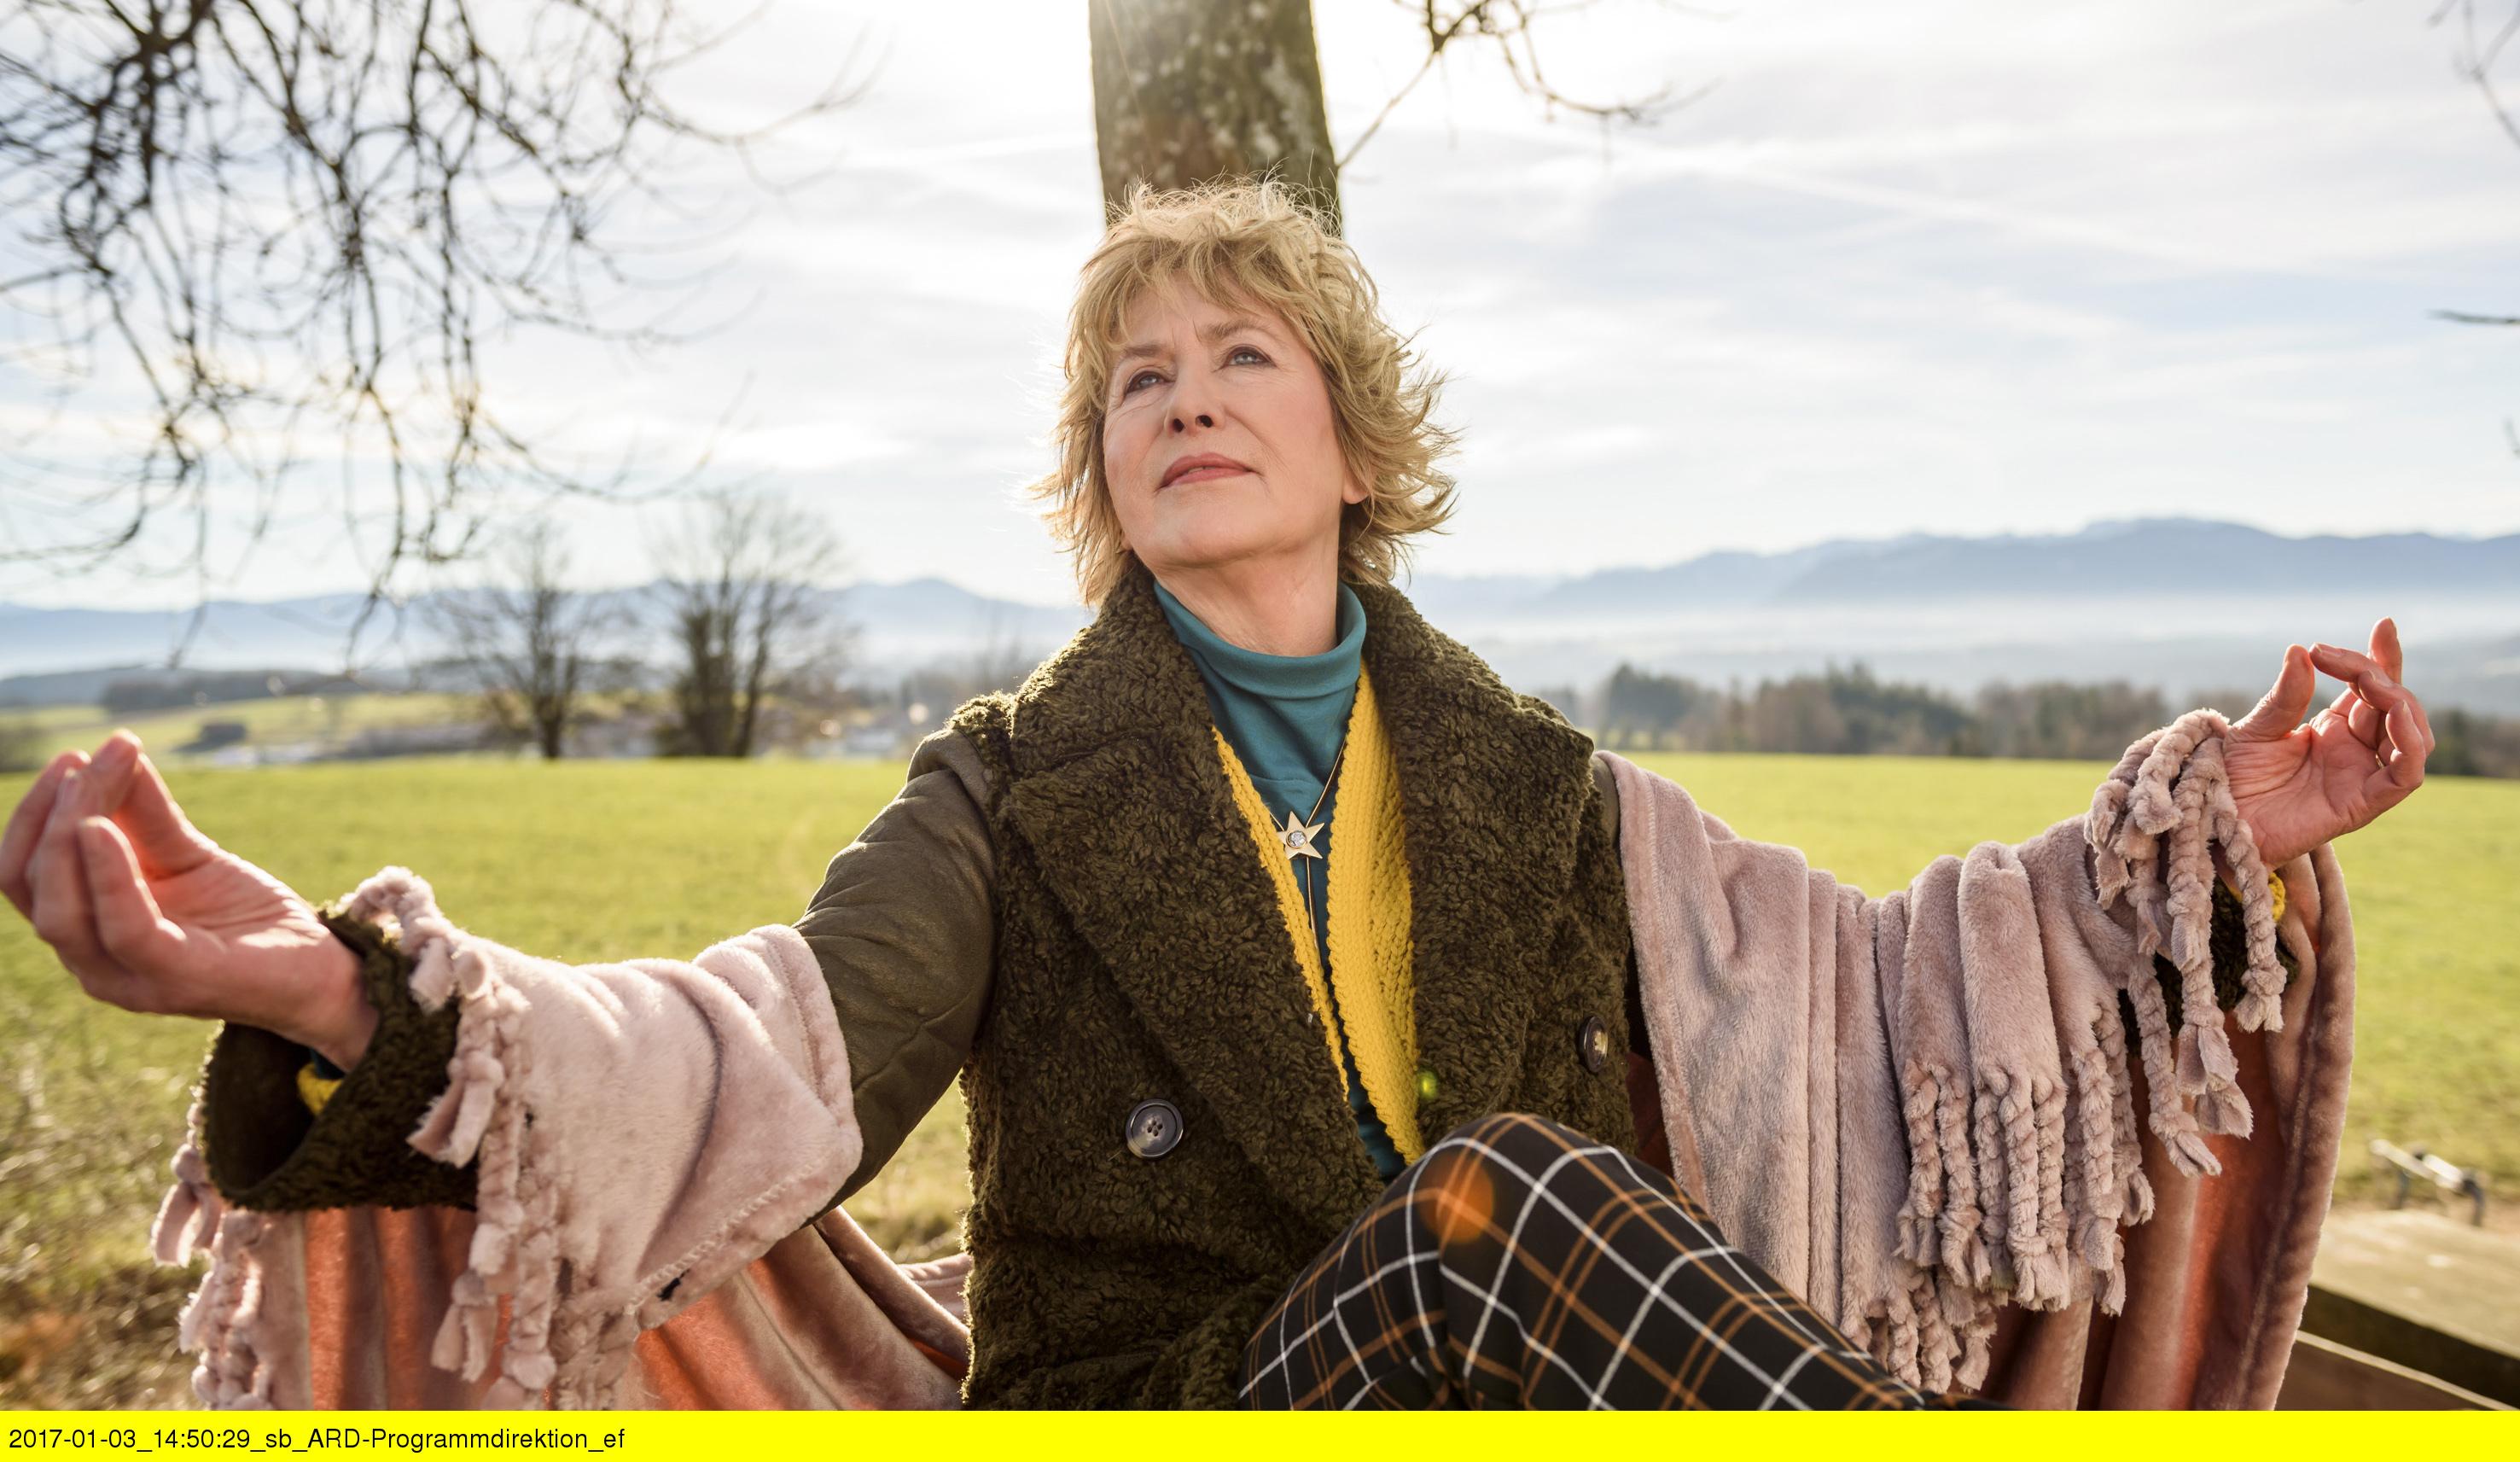 """ARD STURM DER LIEBE FOLGE 2638, am Freitag (24.02.17) um 15:10 Uhr im ERSTEN. Gerti (Beatrice Richter) macht eine """"Seelenreise"""". (Quelle: ARD/Christof Arnold)"""